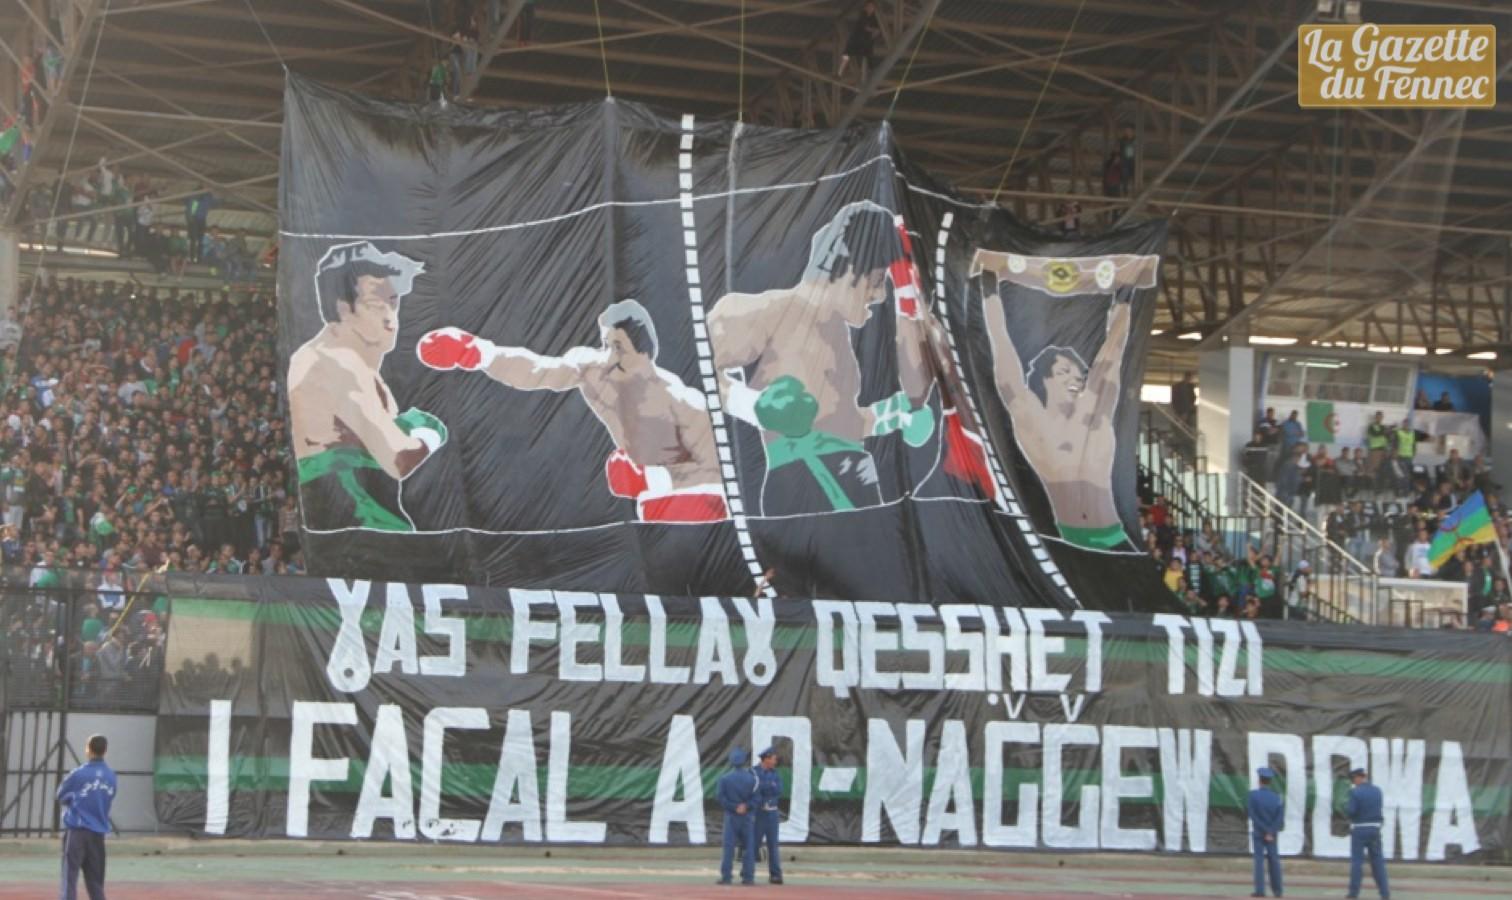 mob supporters tiffo bejaia